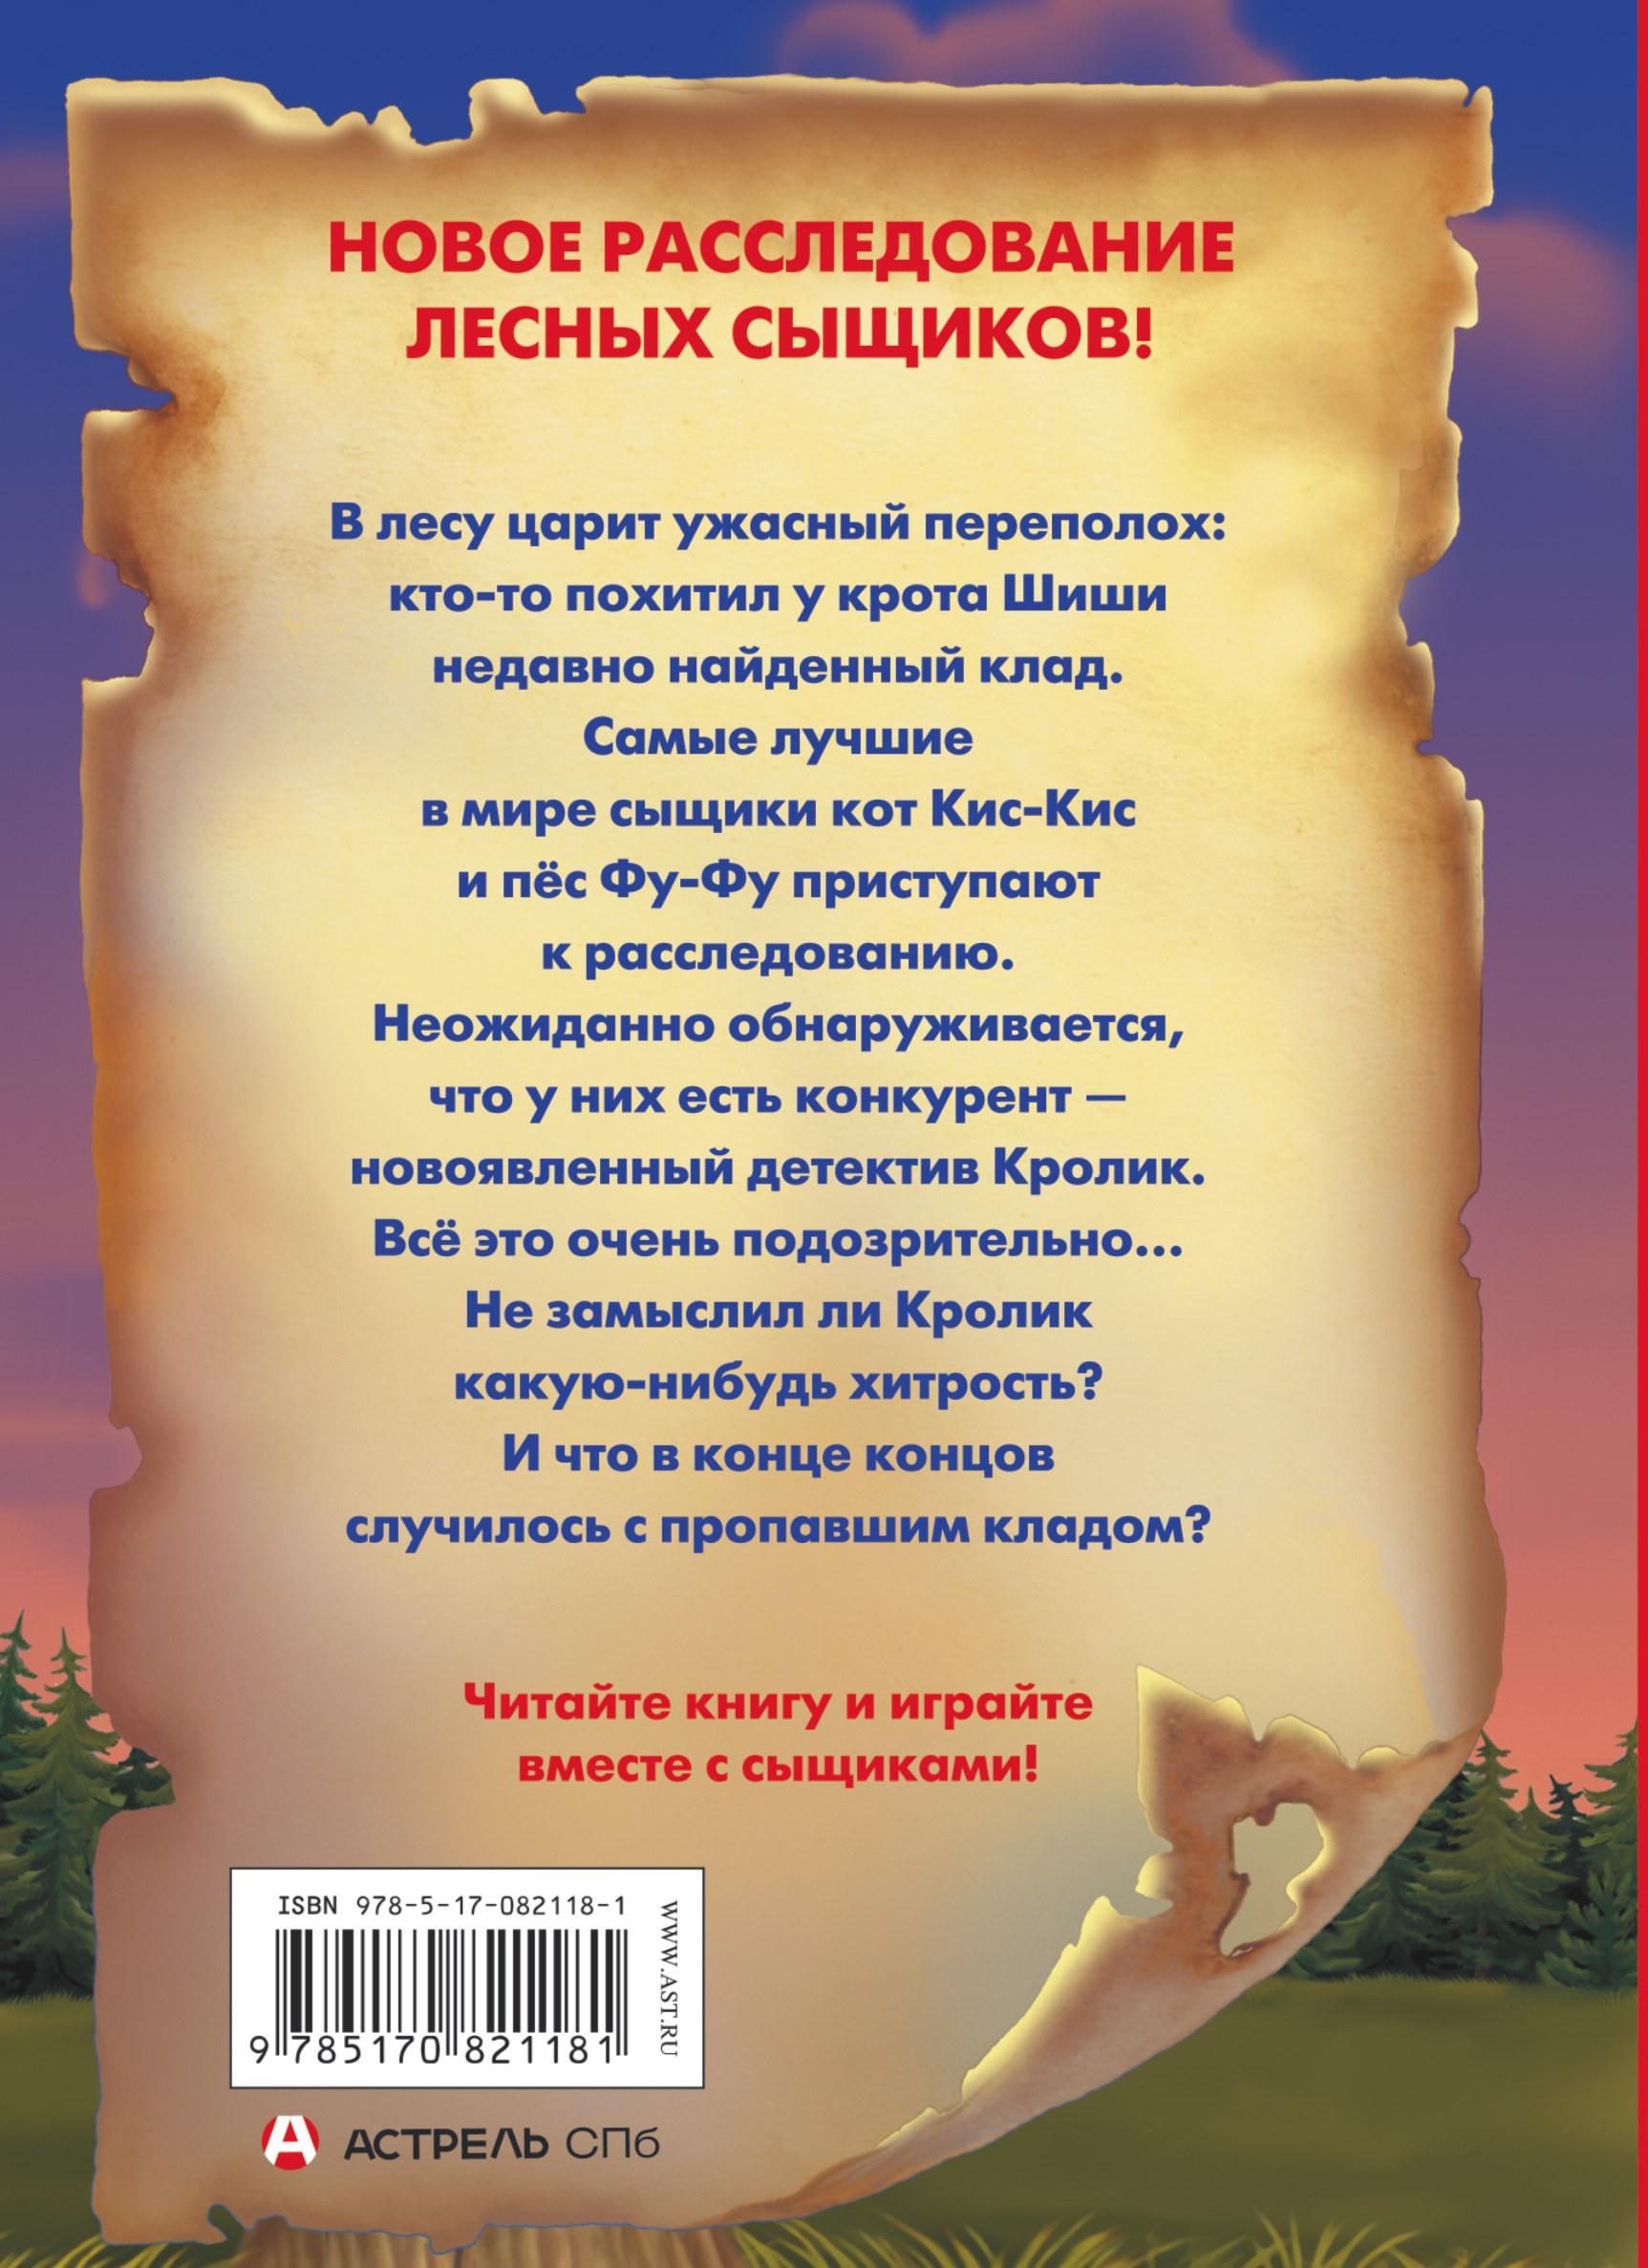 Носки врозь!. Катя Матюшкина, Катя Оковитая